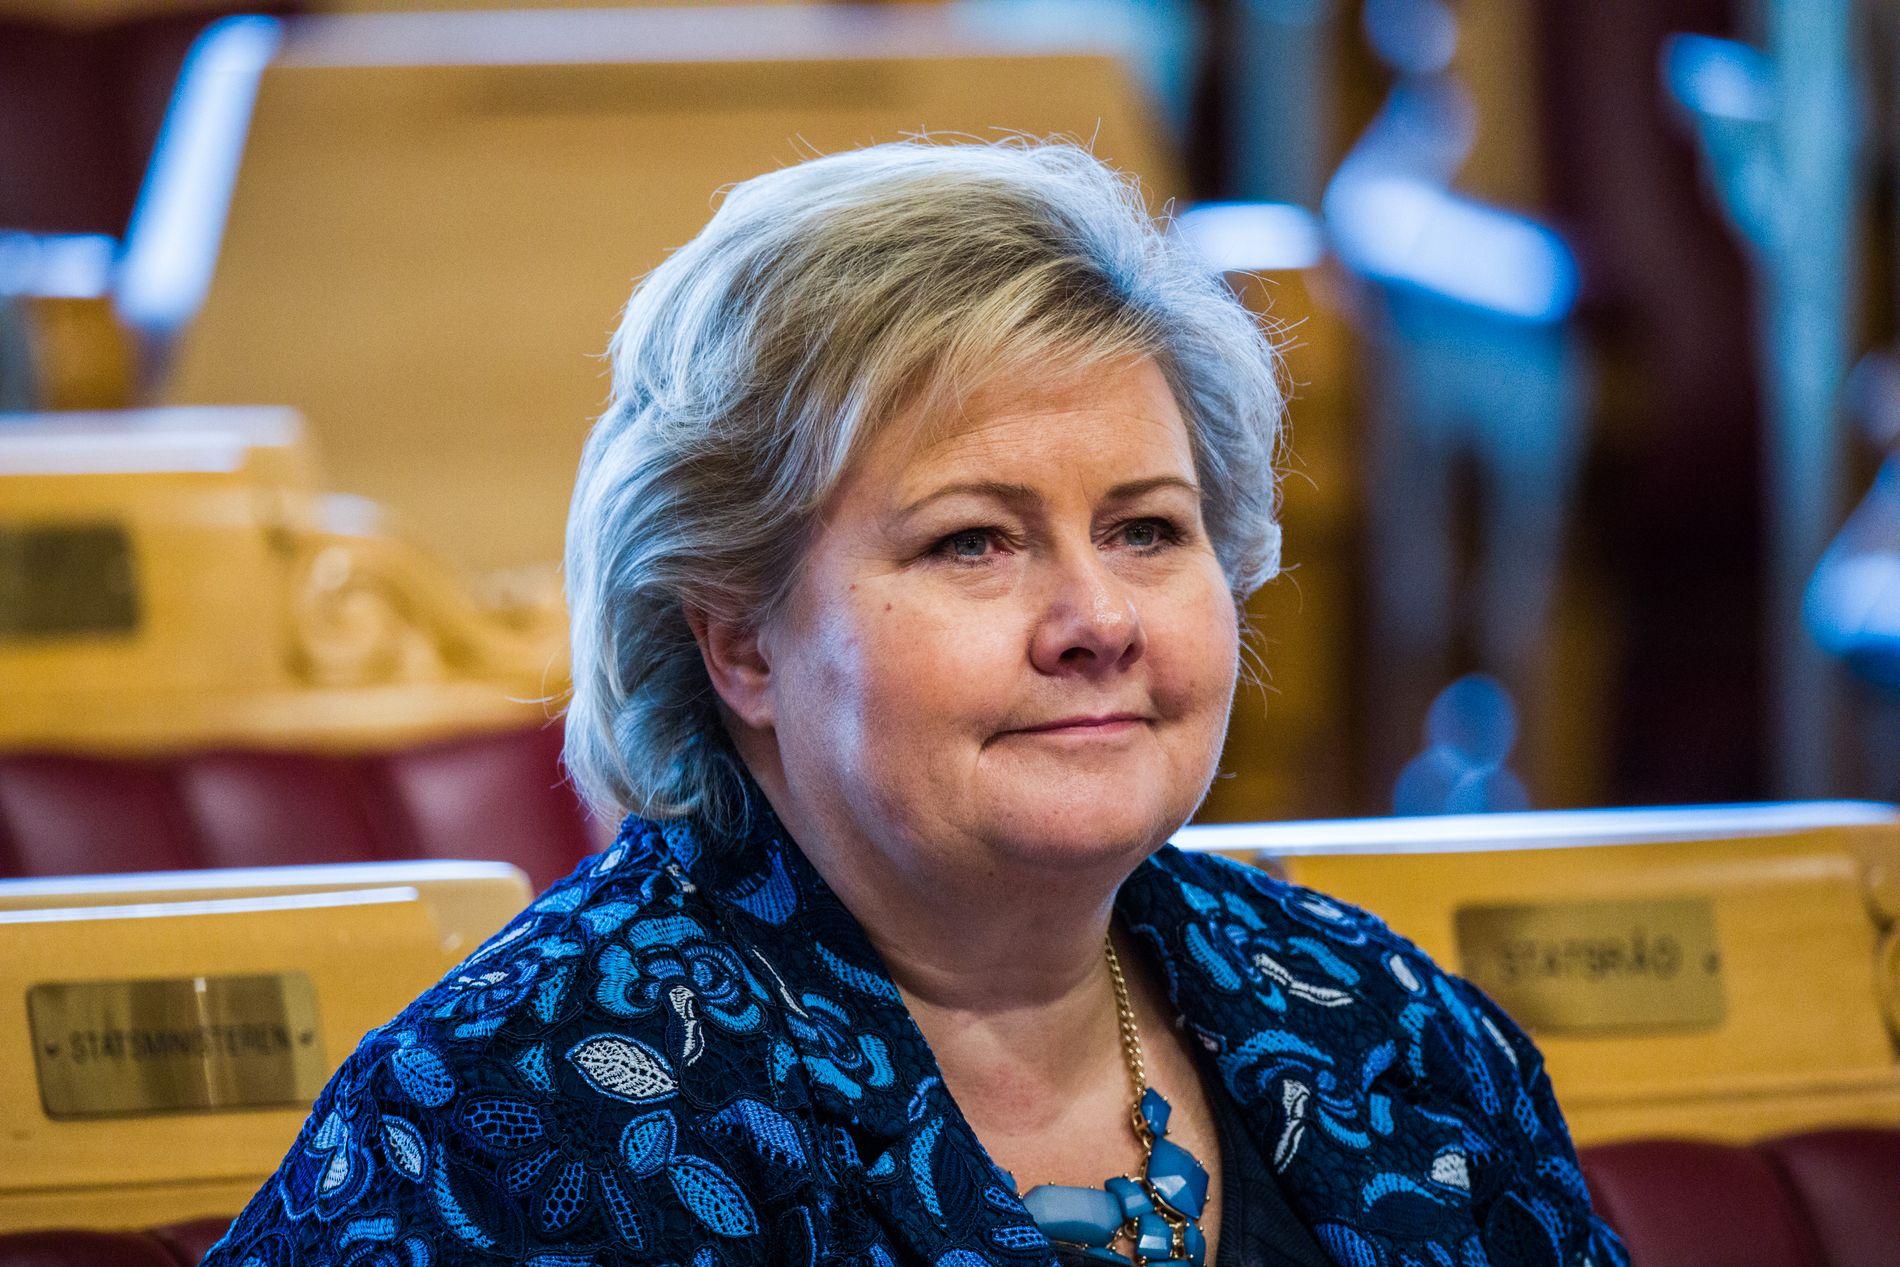 SIER UNNSKYLD: Erna Solberg ber nå om unnskyldning til de tre brødrene i Tolga-saken.